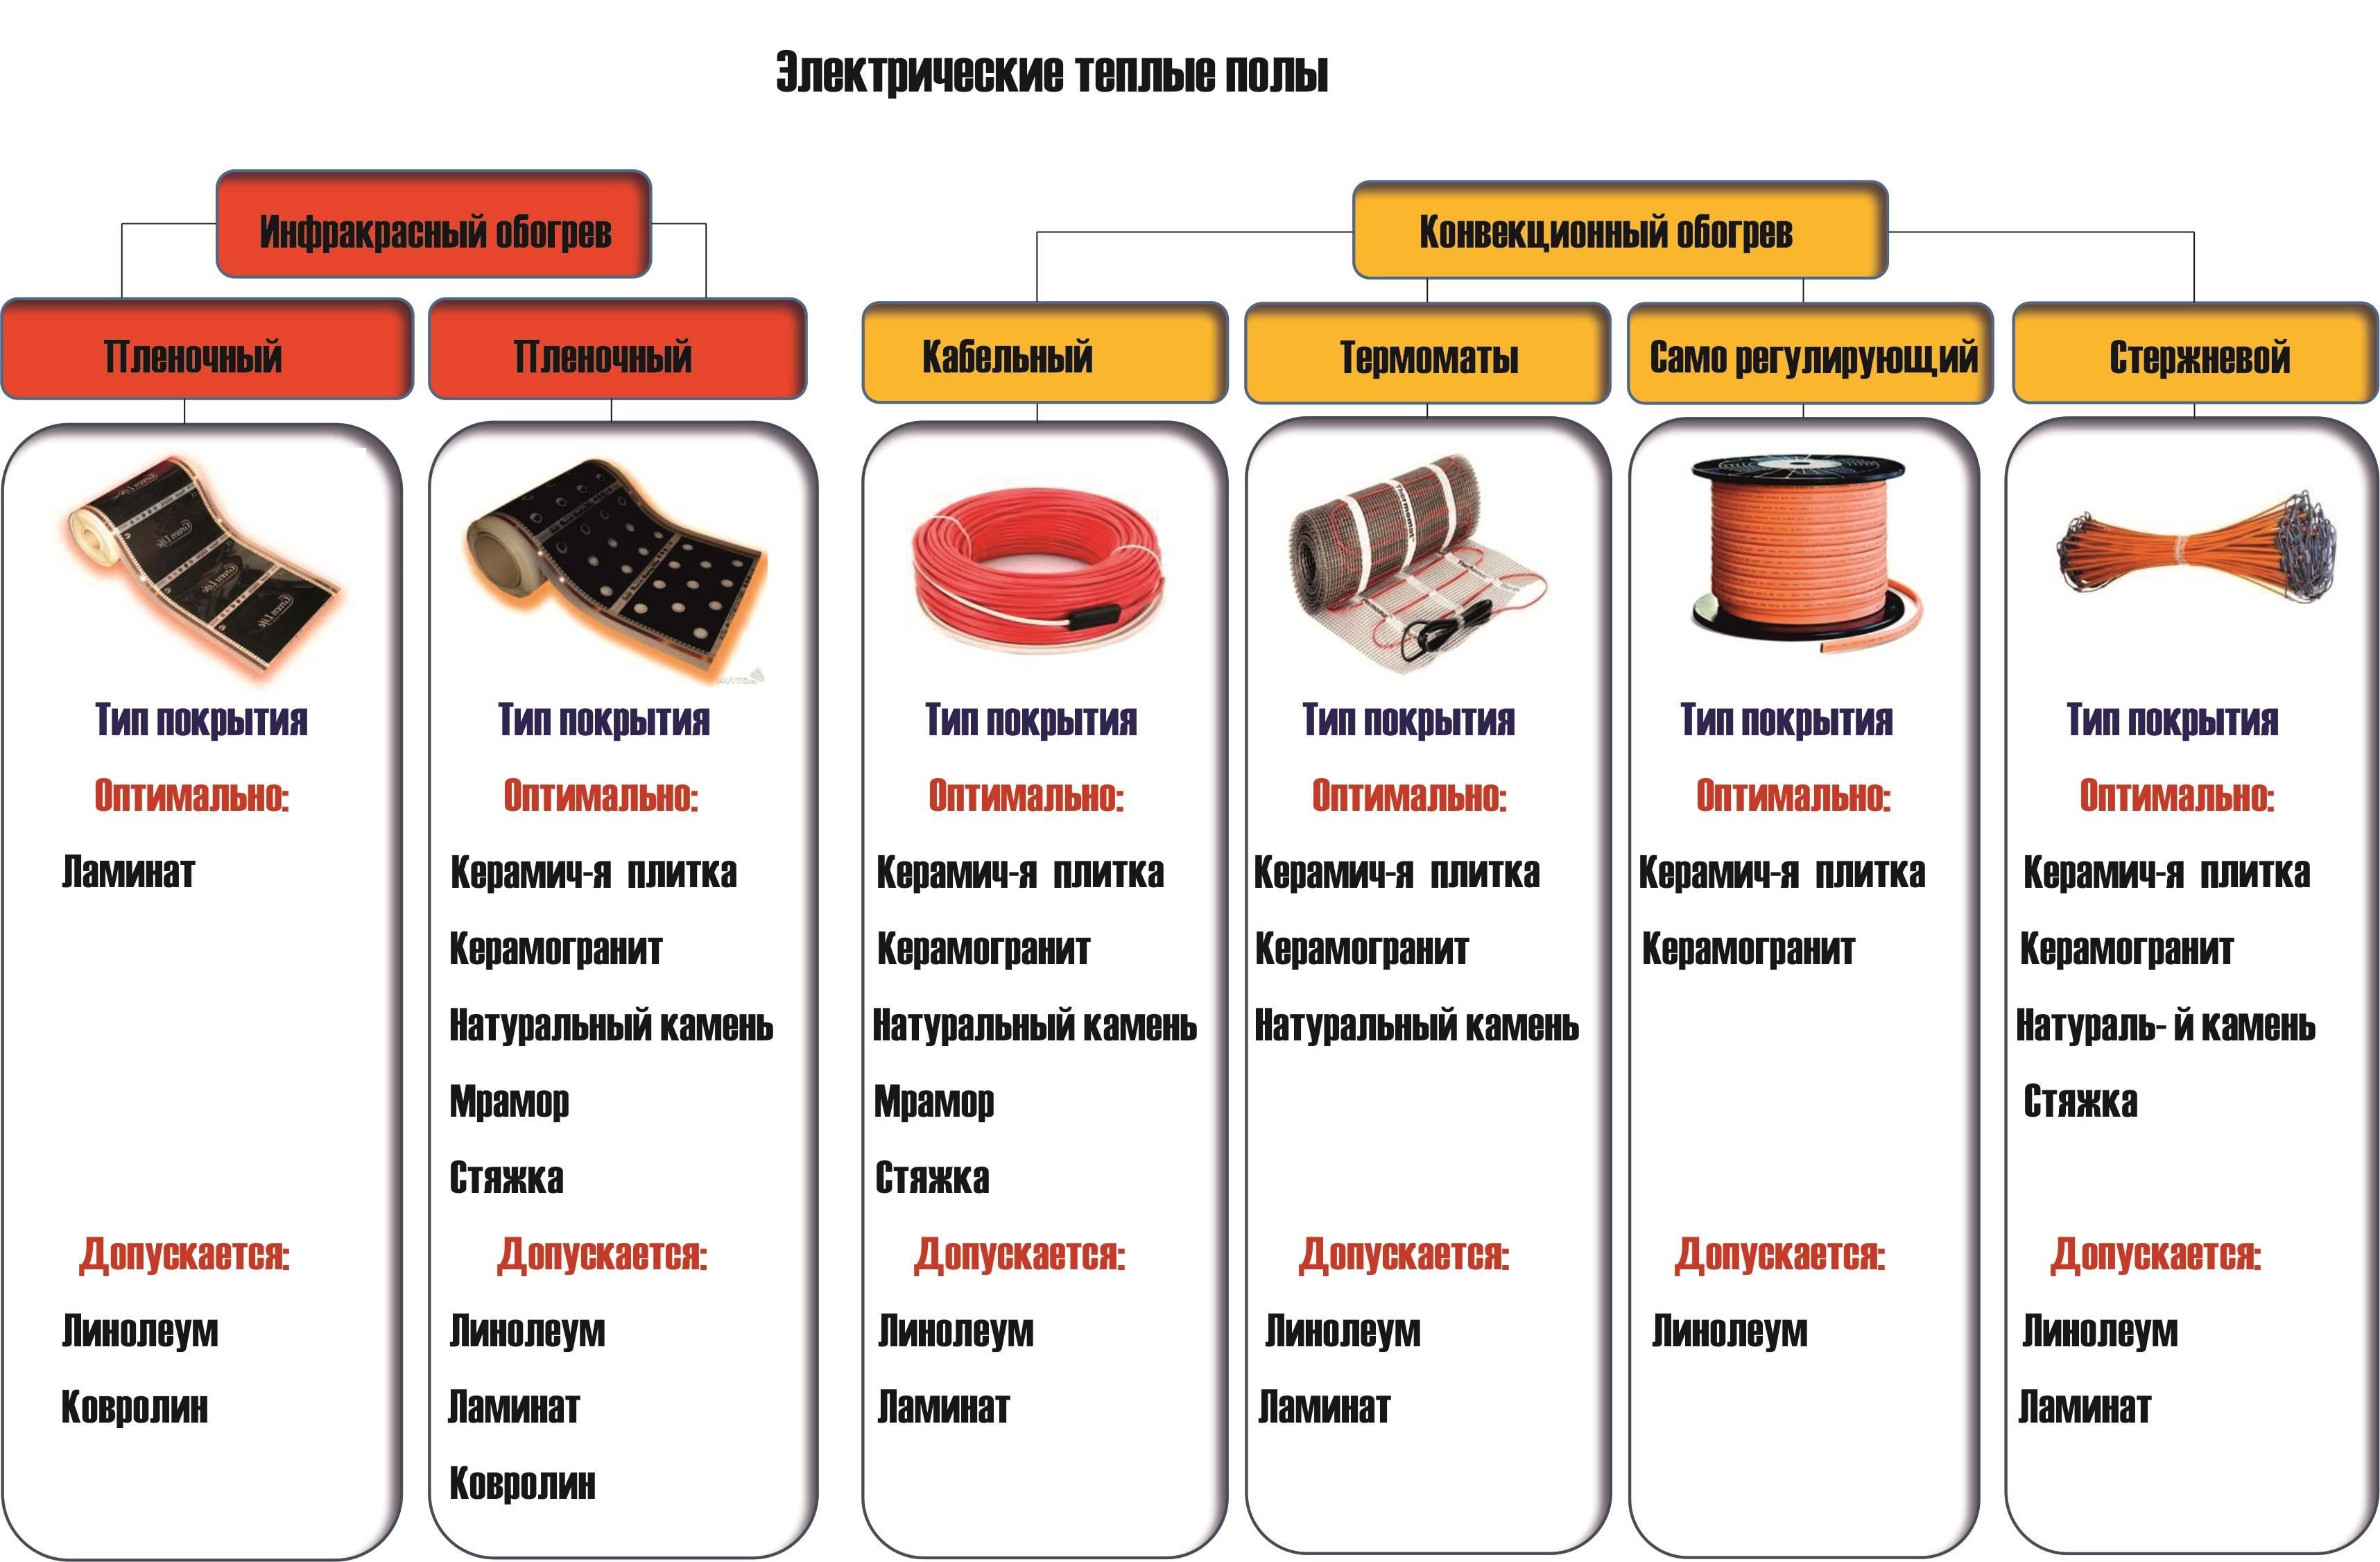 Стержневой тёплый пол (карбоновый) – плюсы и минусы, особенности укладки